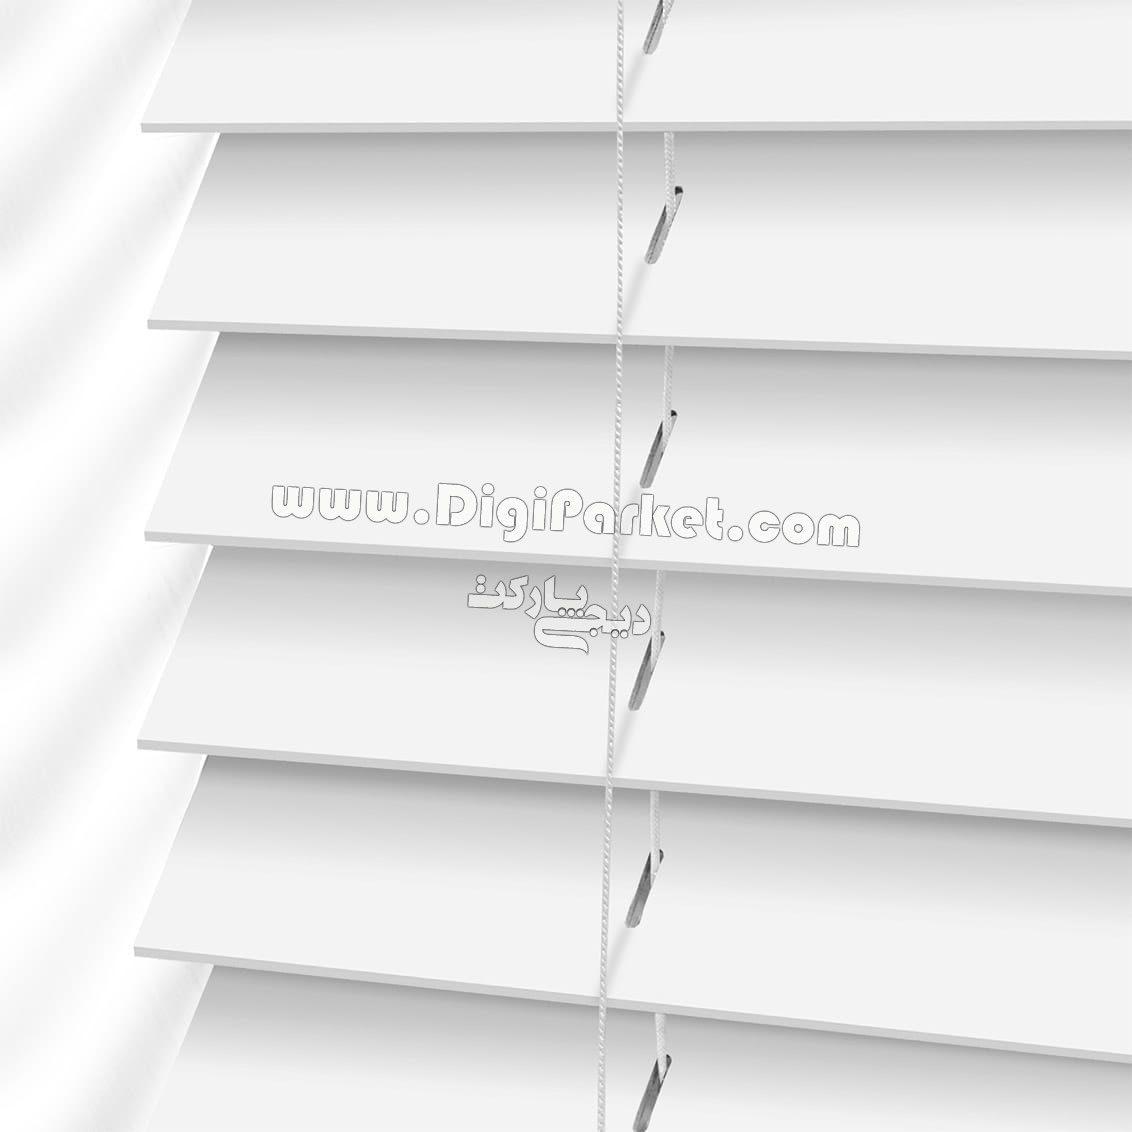 پرده کرکره چوبی سفید رنگ  خوش سایه